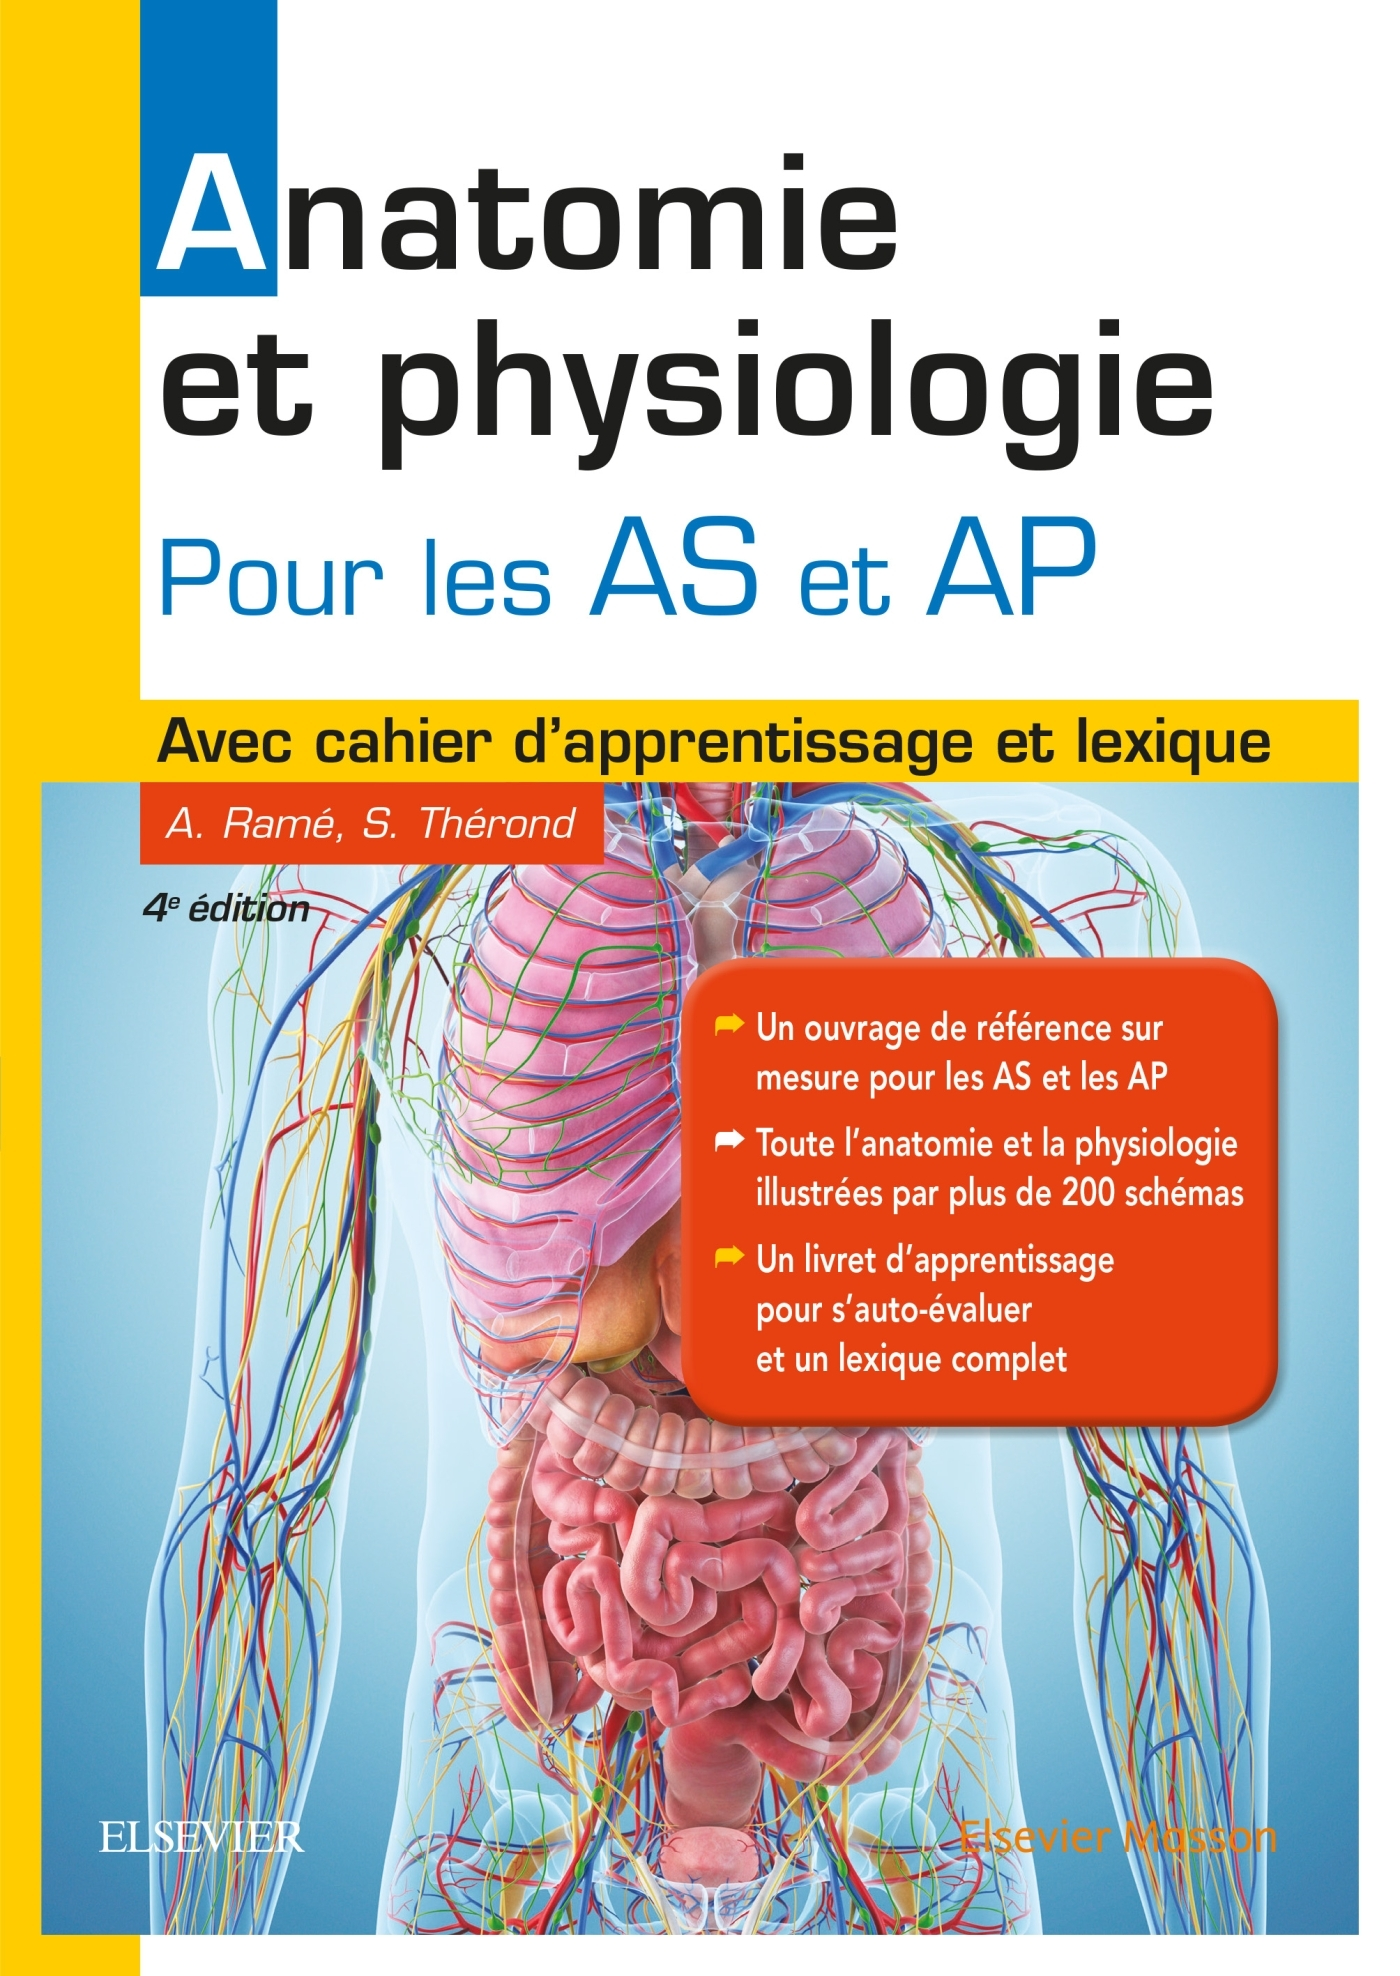 ANATOMIE ET PHYSIOLOGIE. AIDE-SOIGNANT ET AUXILIAIRE DE PUERICULTURE - AVEC CAHIER D'APPRENTISSAGE E